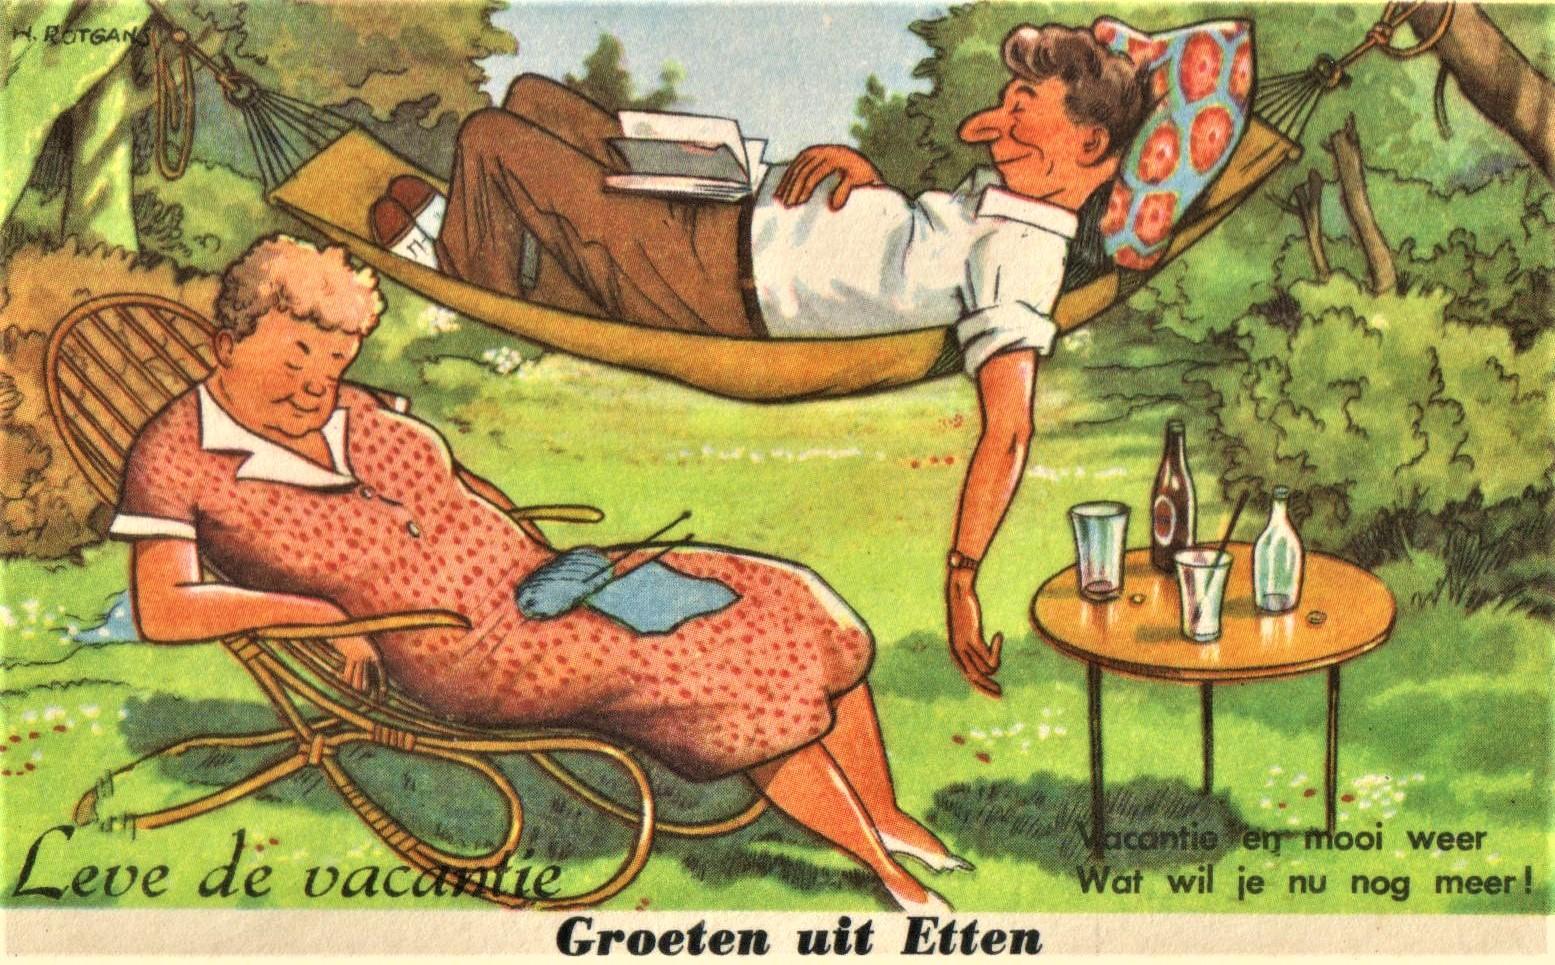 Groeten uit Etten-Leur en fijne vakantie!